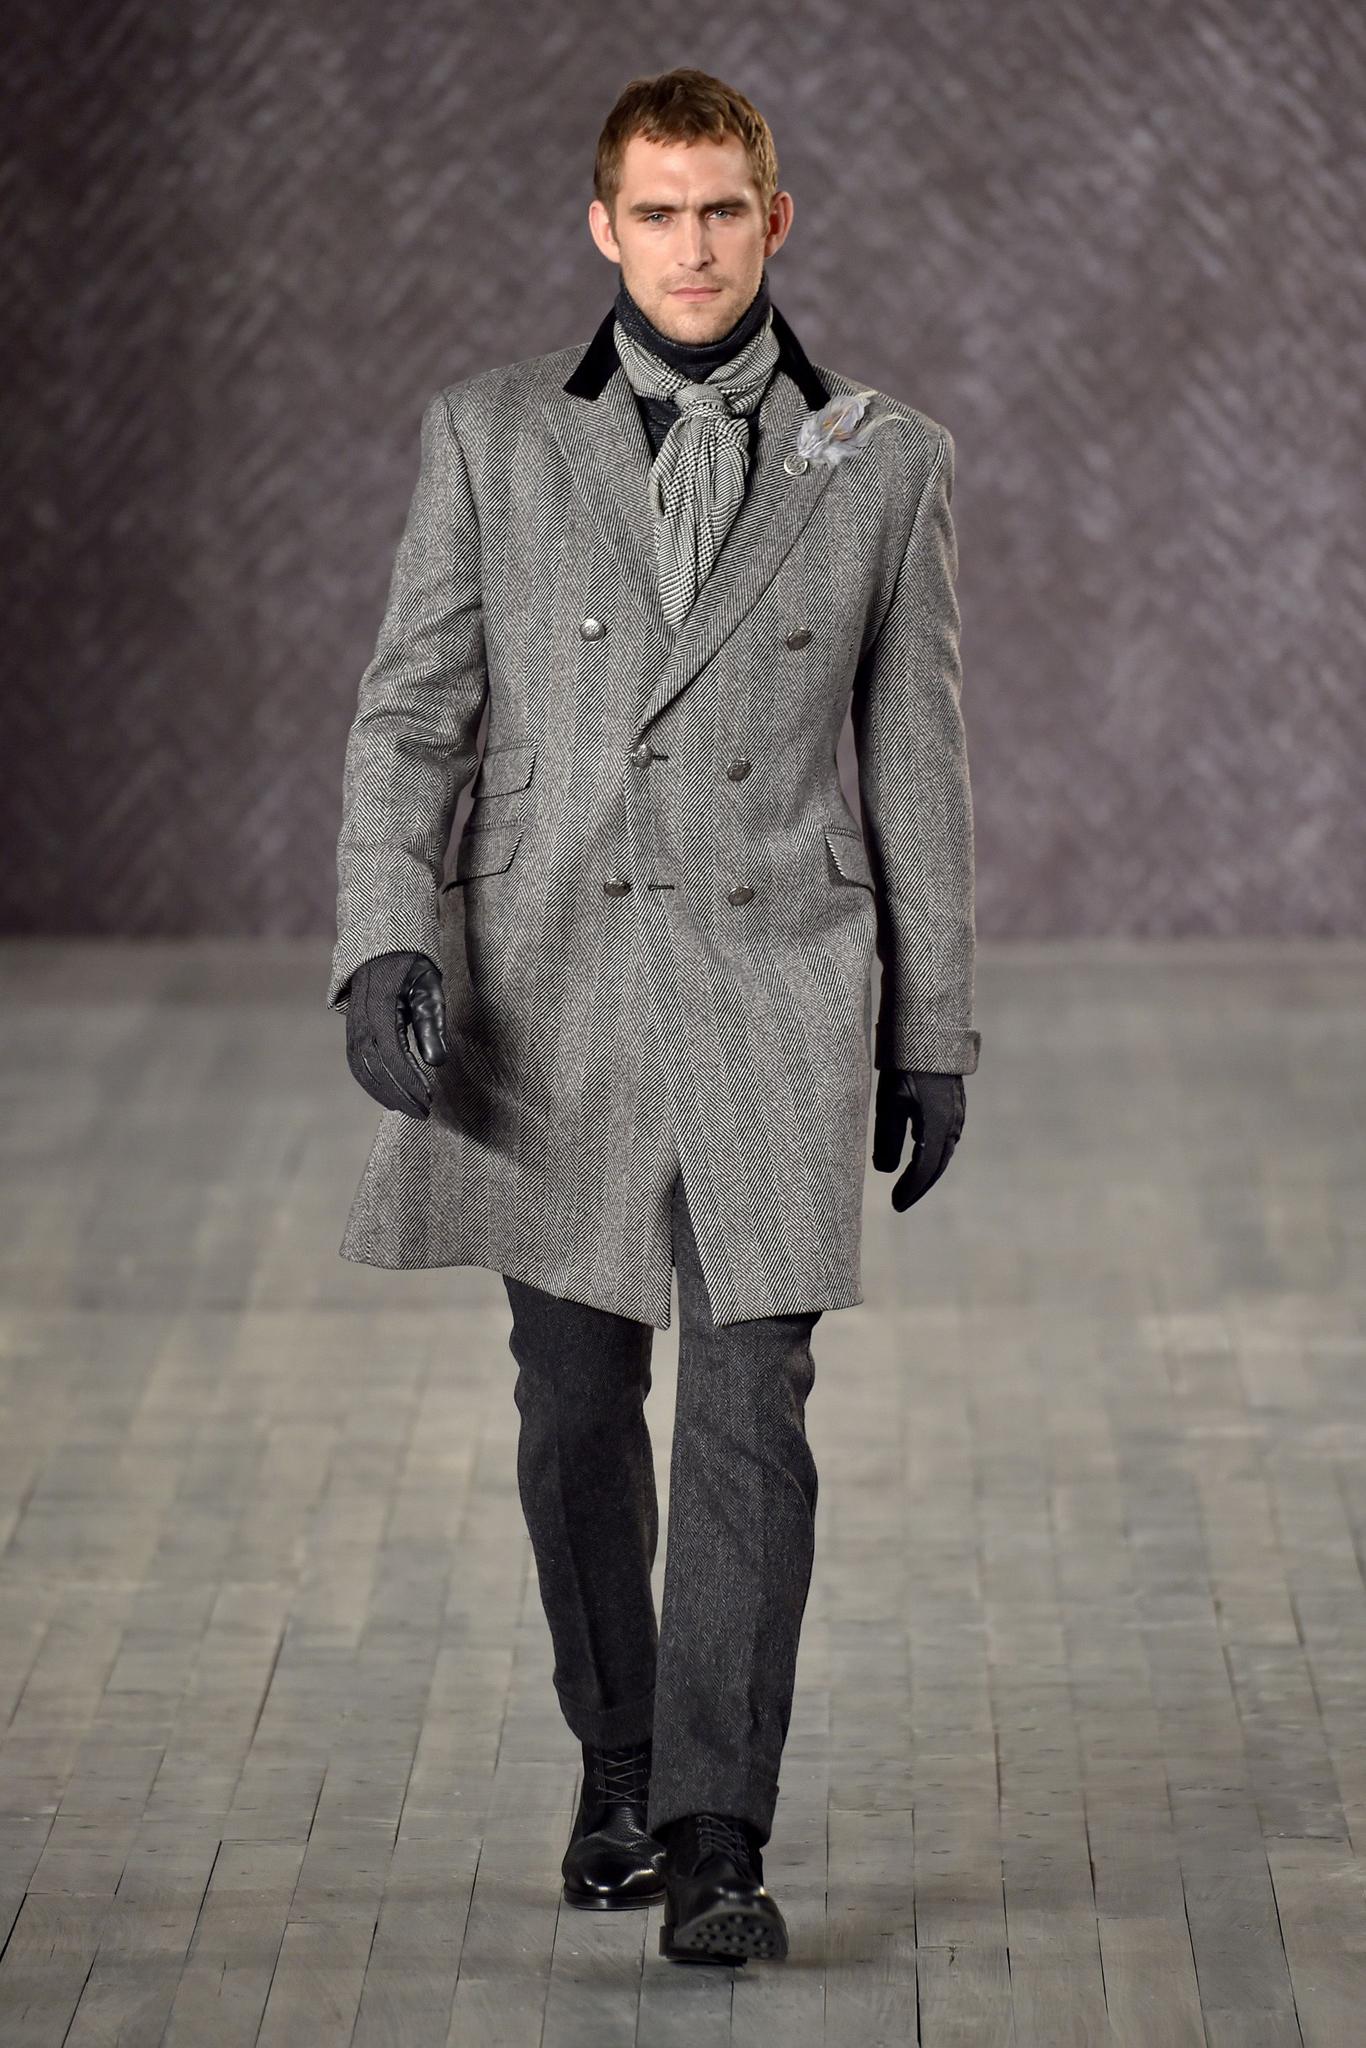 Joseph Abboud Men's RTW Fall 2016